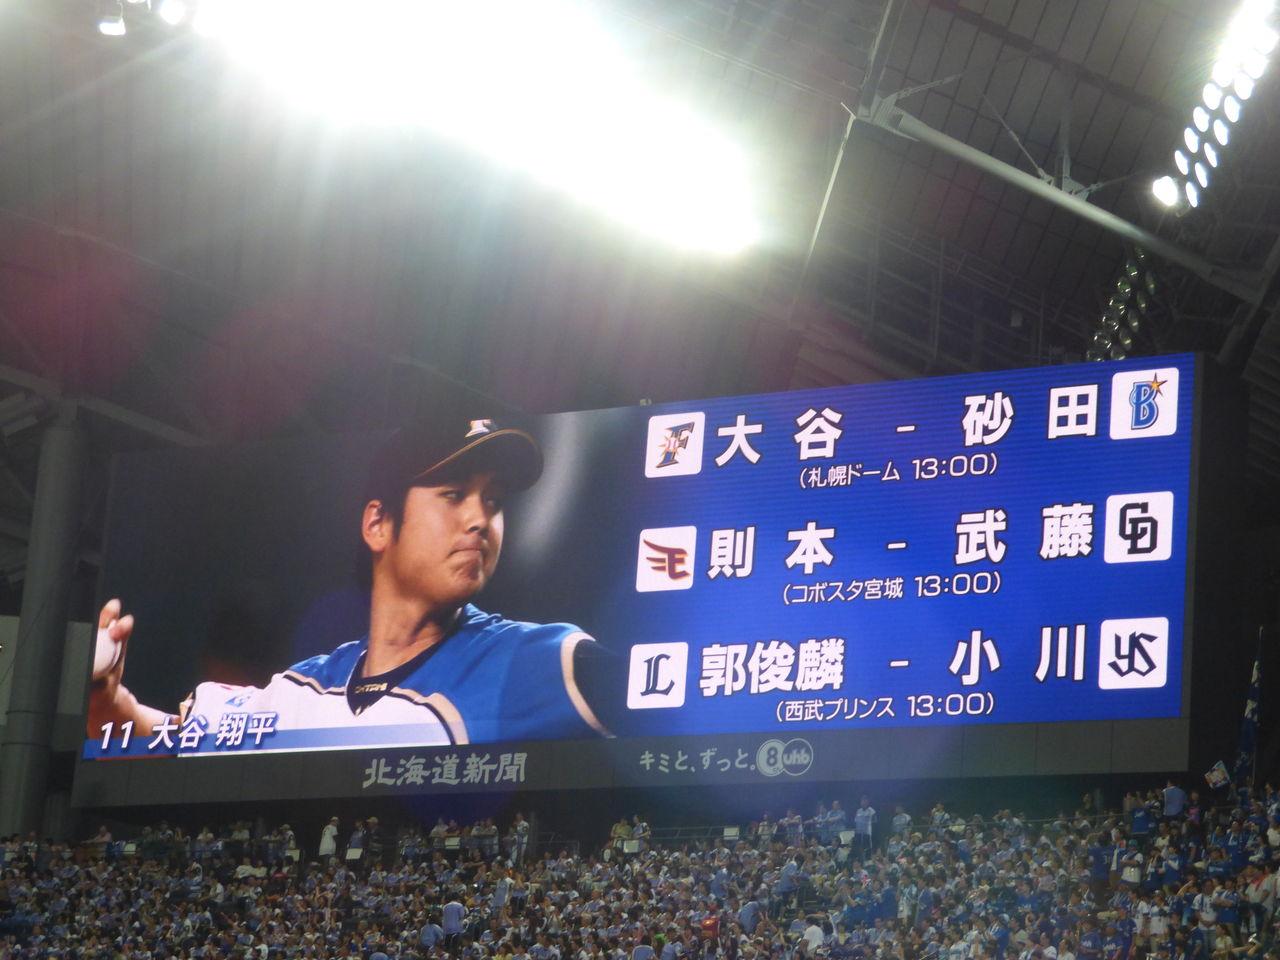 10連敗目前の横浜が相手にする明日の日ハム予告先発wwwwwwコメント